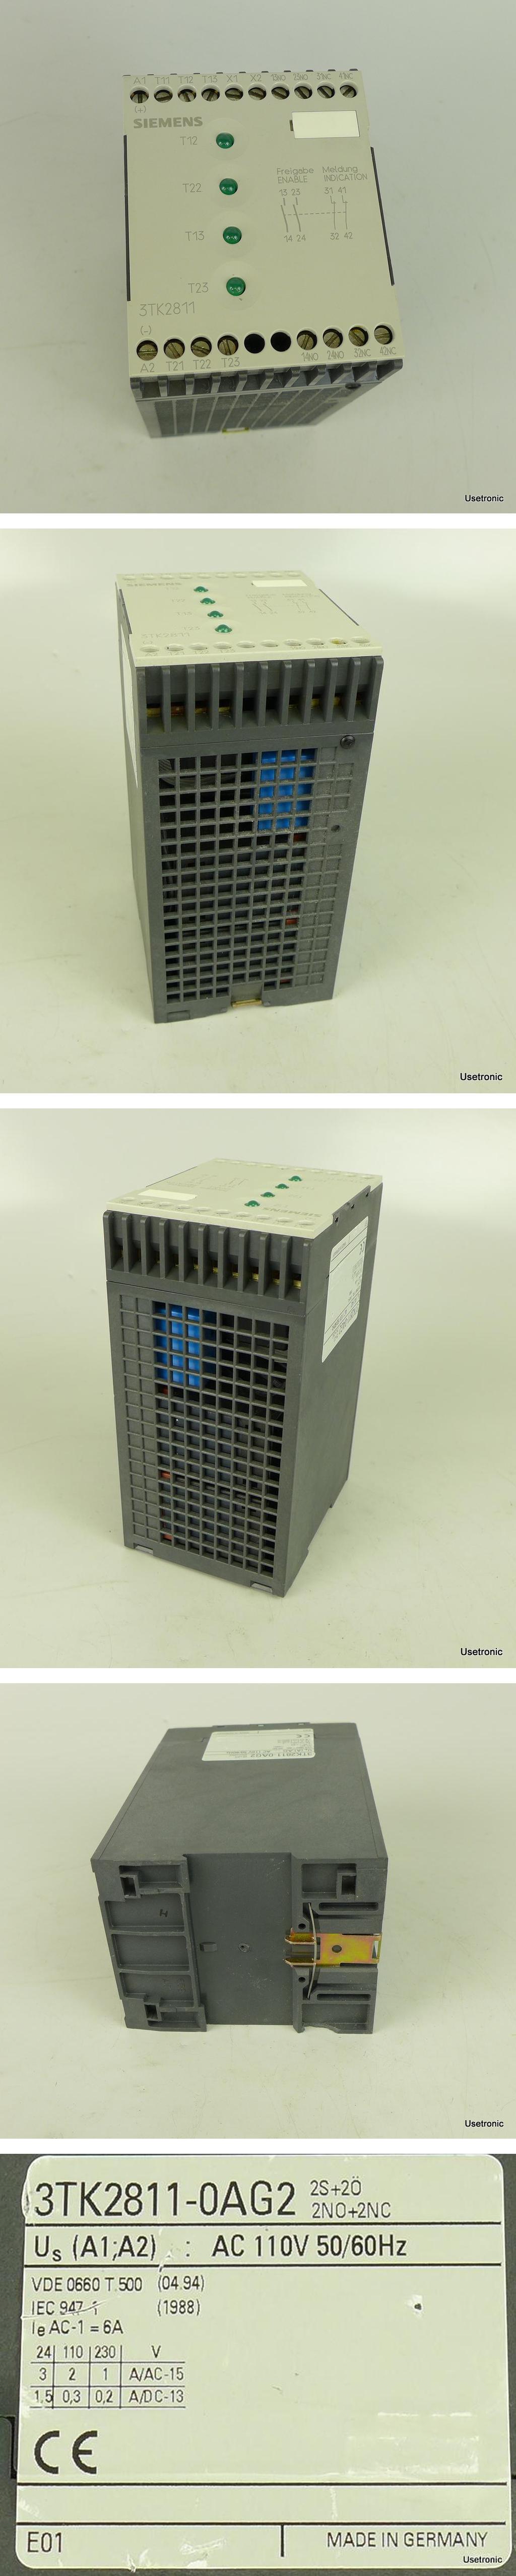 Siemens 3TK2811-0AG2